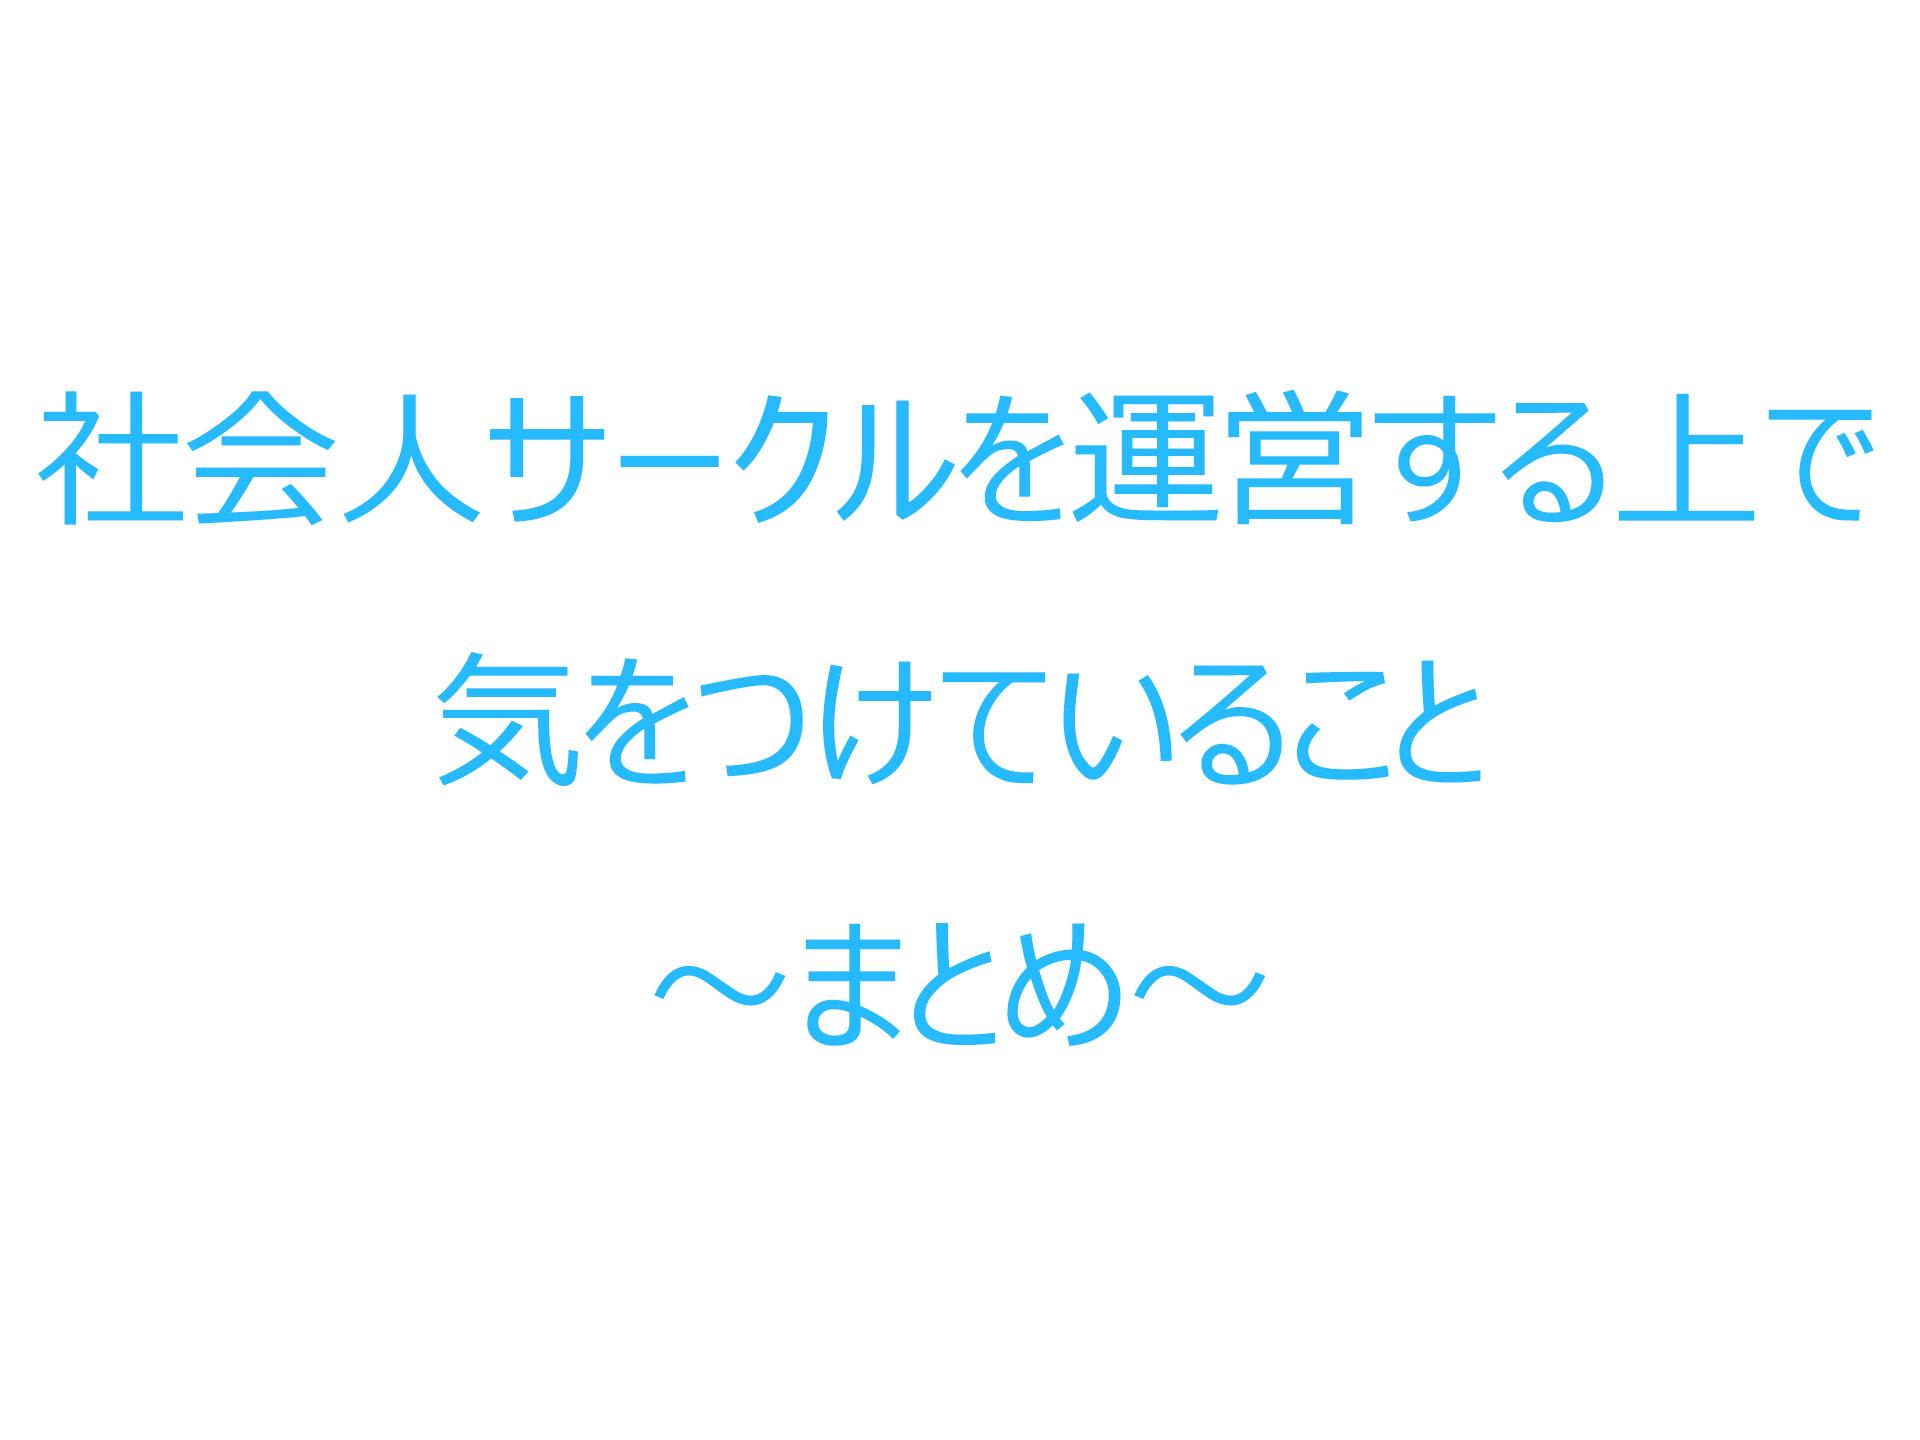 syakaijin-circle